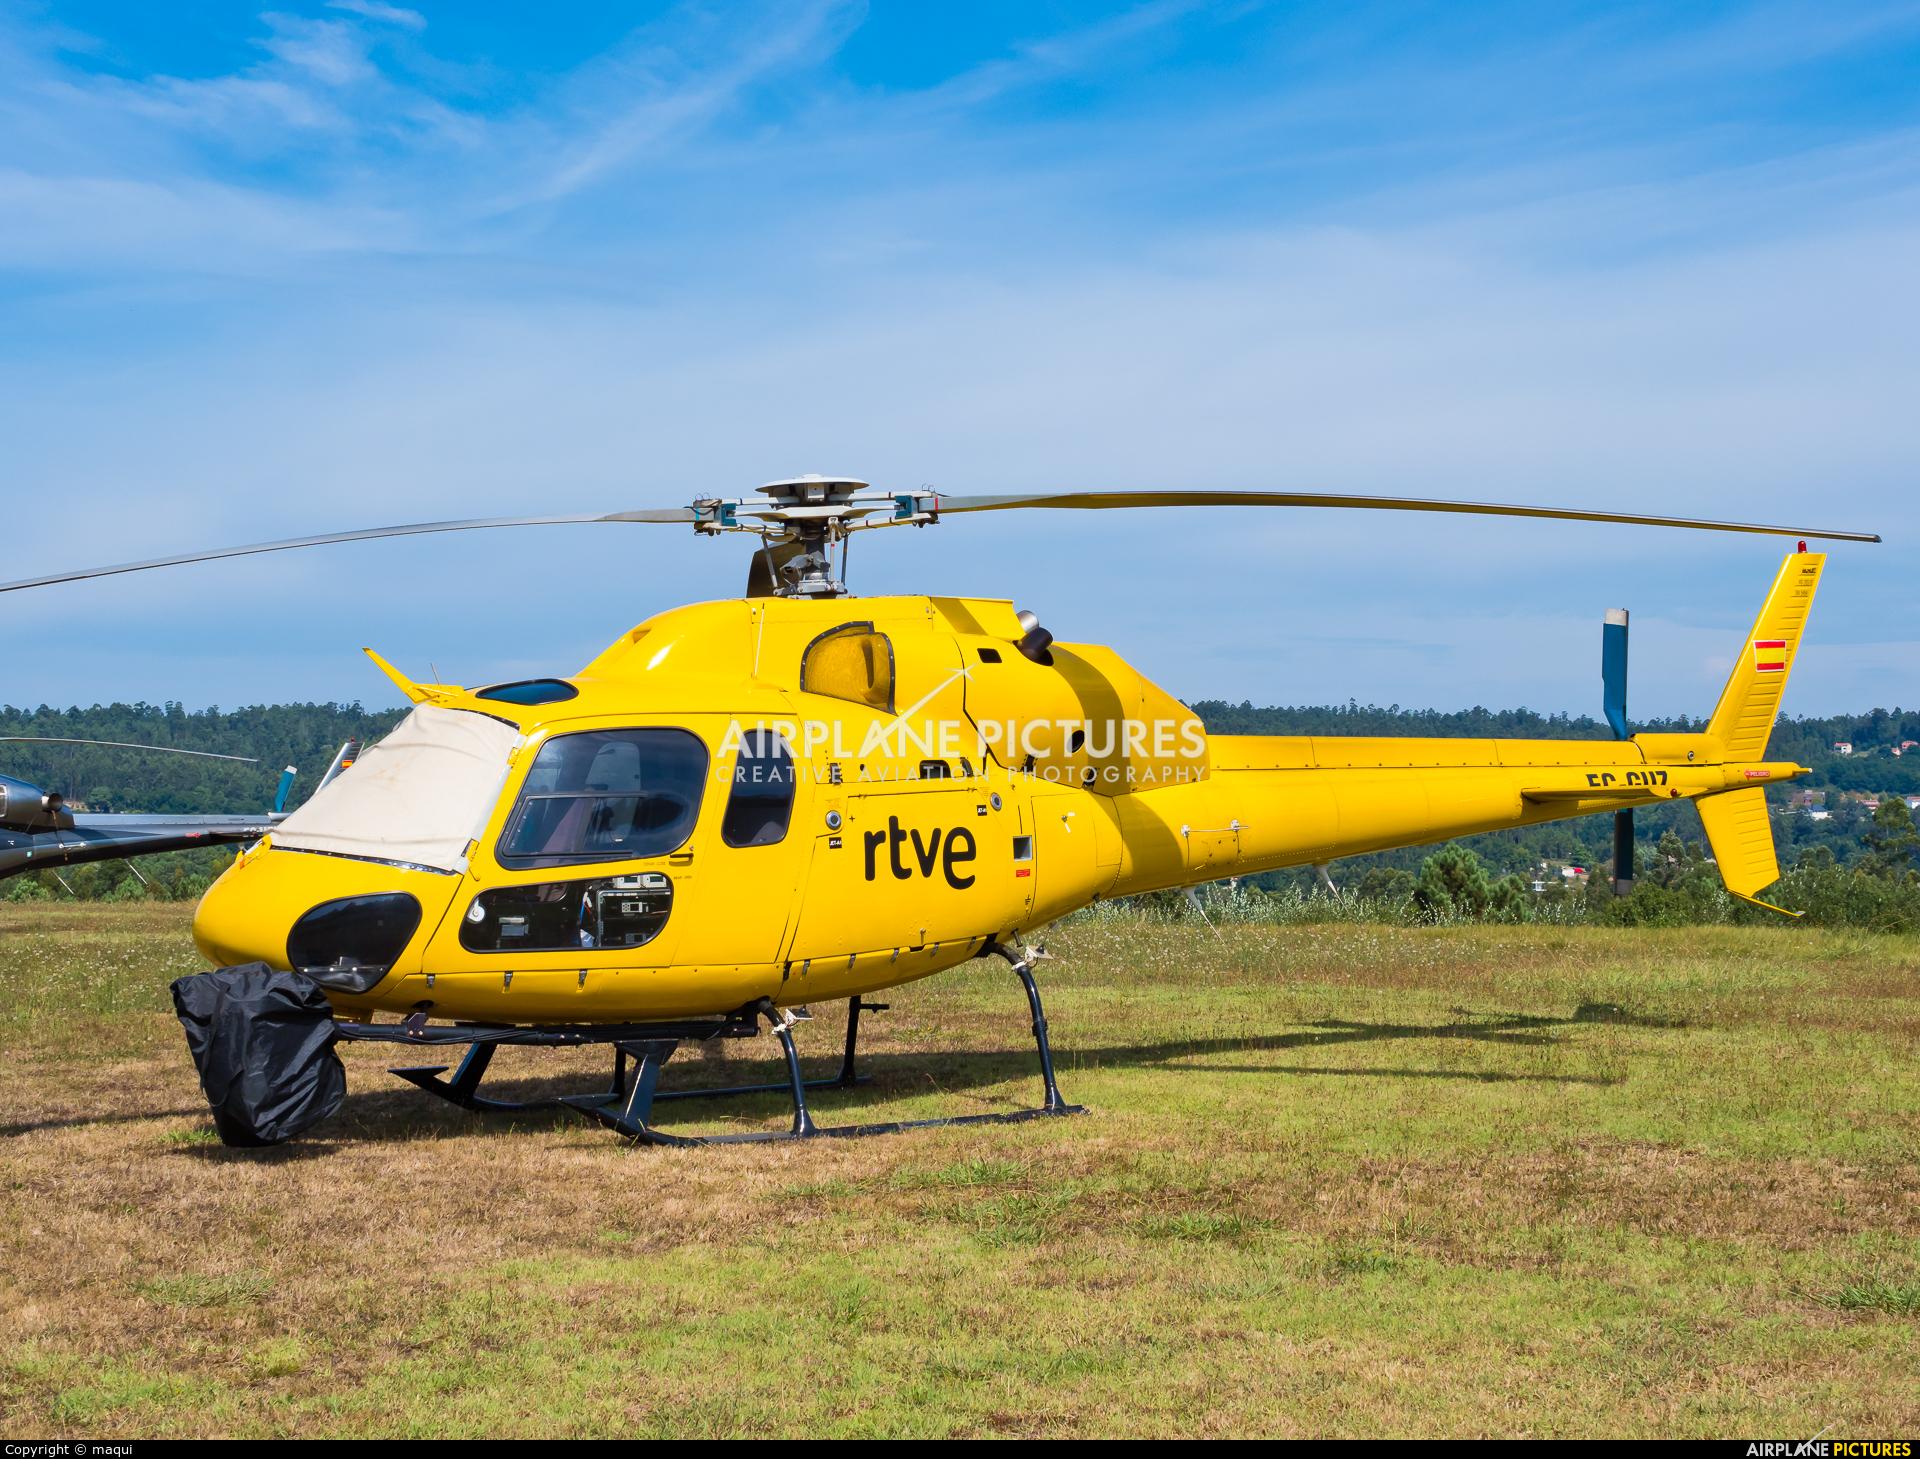 Sky Helicopteros EC-GUZ aircraft at La Coruña - Off Airport